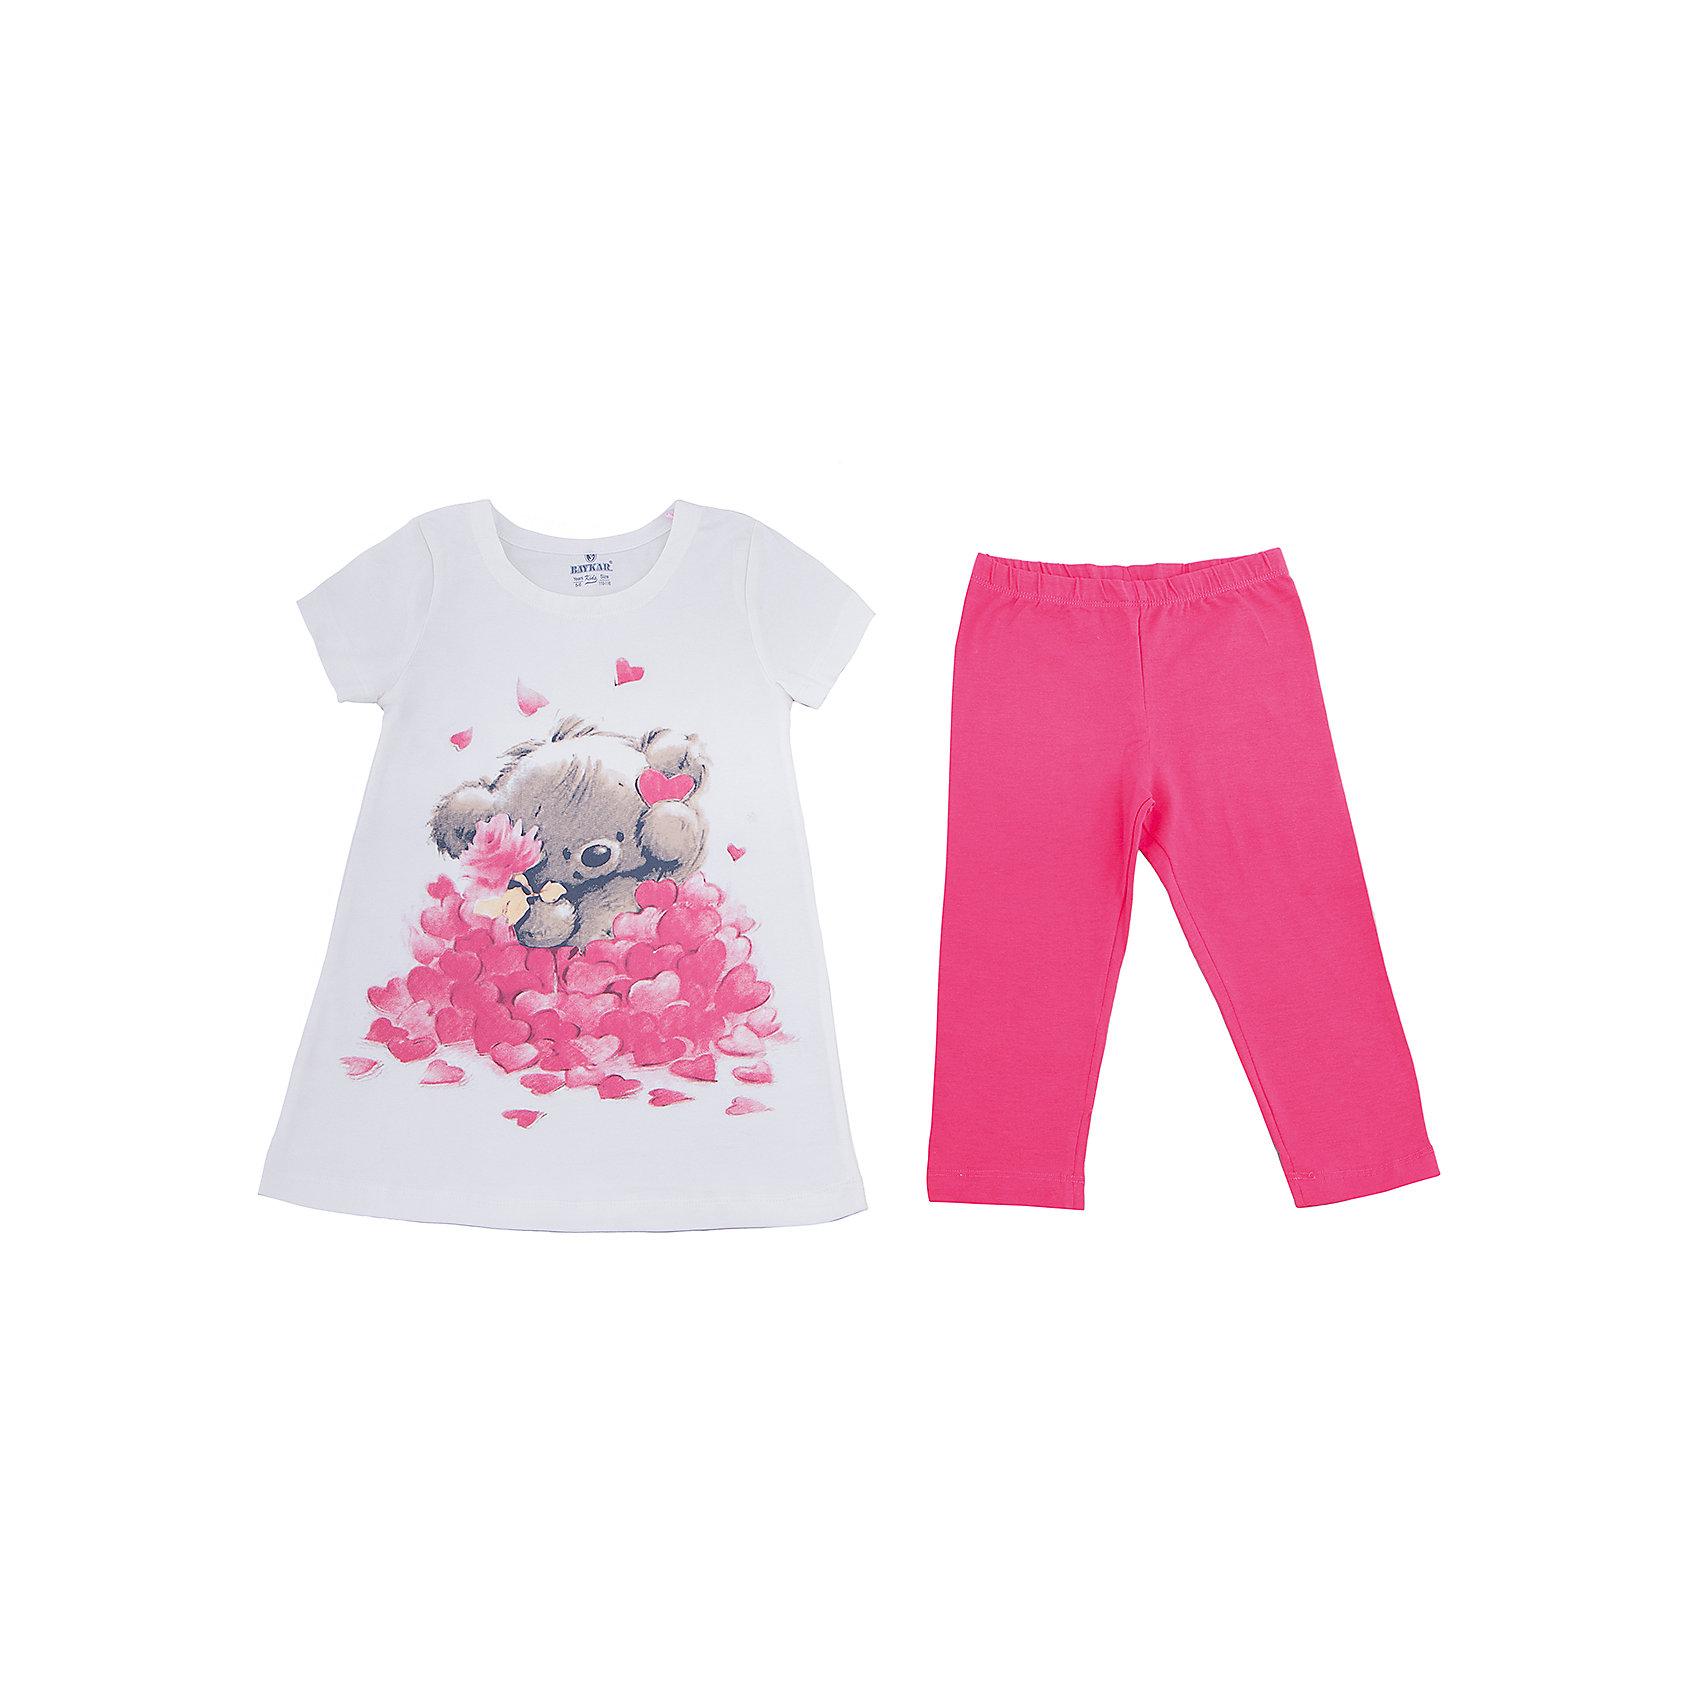 Пижама для девочки BaykarПижамы и сорочки<br>Характеристики товара:<br><br>• цвет: розовый<br>• состав ткани: 95% хлопок; 5% эластан<br>• комплектация: туника, капри<br>• пояс брюк: резинка<br>• сезон: круглый год<br>• страна бренда: Турция<br>• страна изготовитель: Турция<br><br>Хорошо подобранная пижама для девочки позволяет обеспечить комфортный сон. Этот комплект для сна из туники и брюк-капри сделан из мягкого дышащего материала. <br><br>Материал с преобладание хлопка в составе отлично подходит для одежды для сна. Пижама для девочки Baykar украшена симпатичным принтом. <br><br>Пижаму для девочки Baykar (Байкар) можно купить в нашем интернет-магазине.<br><br>Ширина мм: 281<br>Глубина мм: 70<br>Высота мм: 188<br>Вес г: 295<br>Цвет: белый<br>Возраст от месяцев: 72<br>Возраст до месяцев: 84<br>Пол: Женский<br>Возраст: Детский<br>Размер: 116/122,98/104,104/110,110/116<br>SKU: 6764785